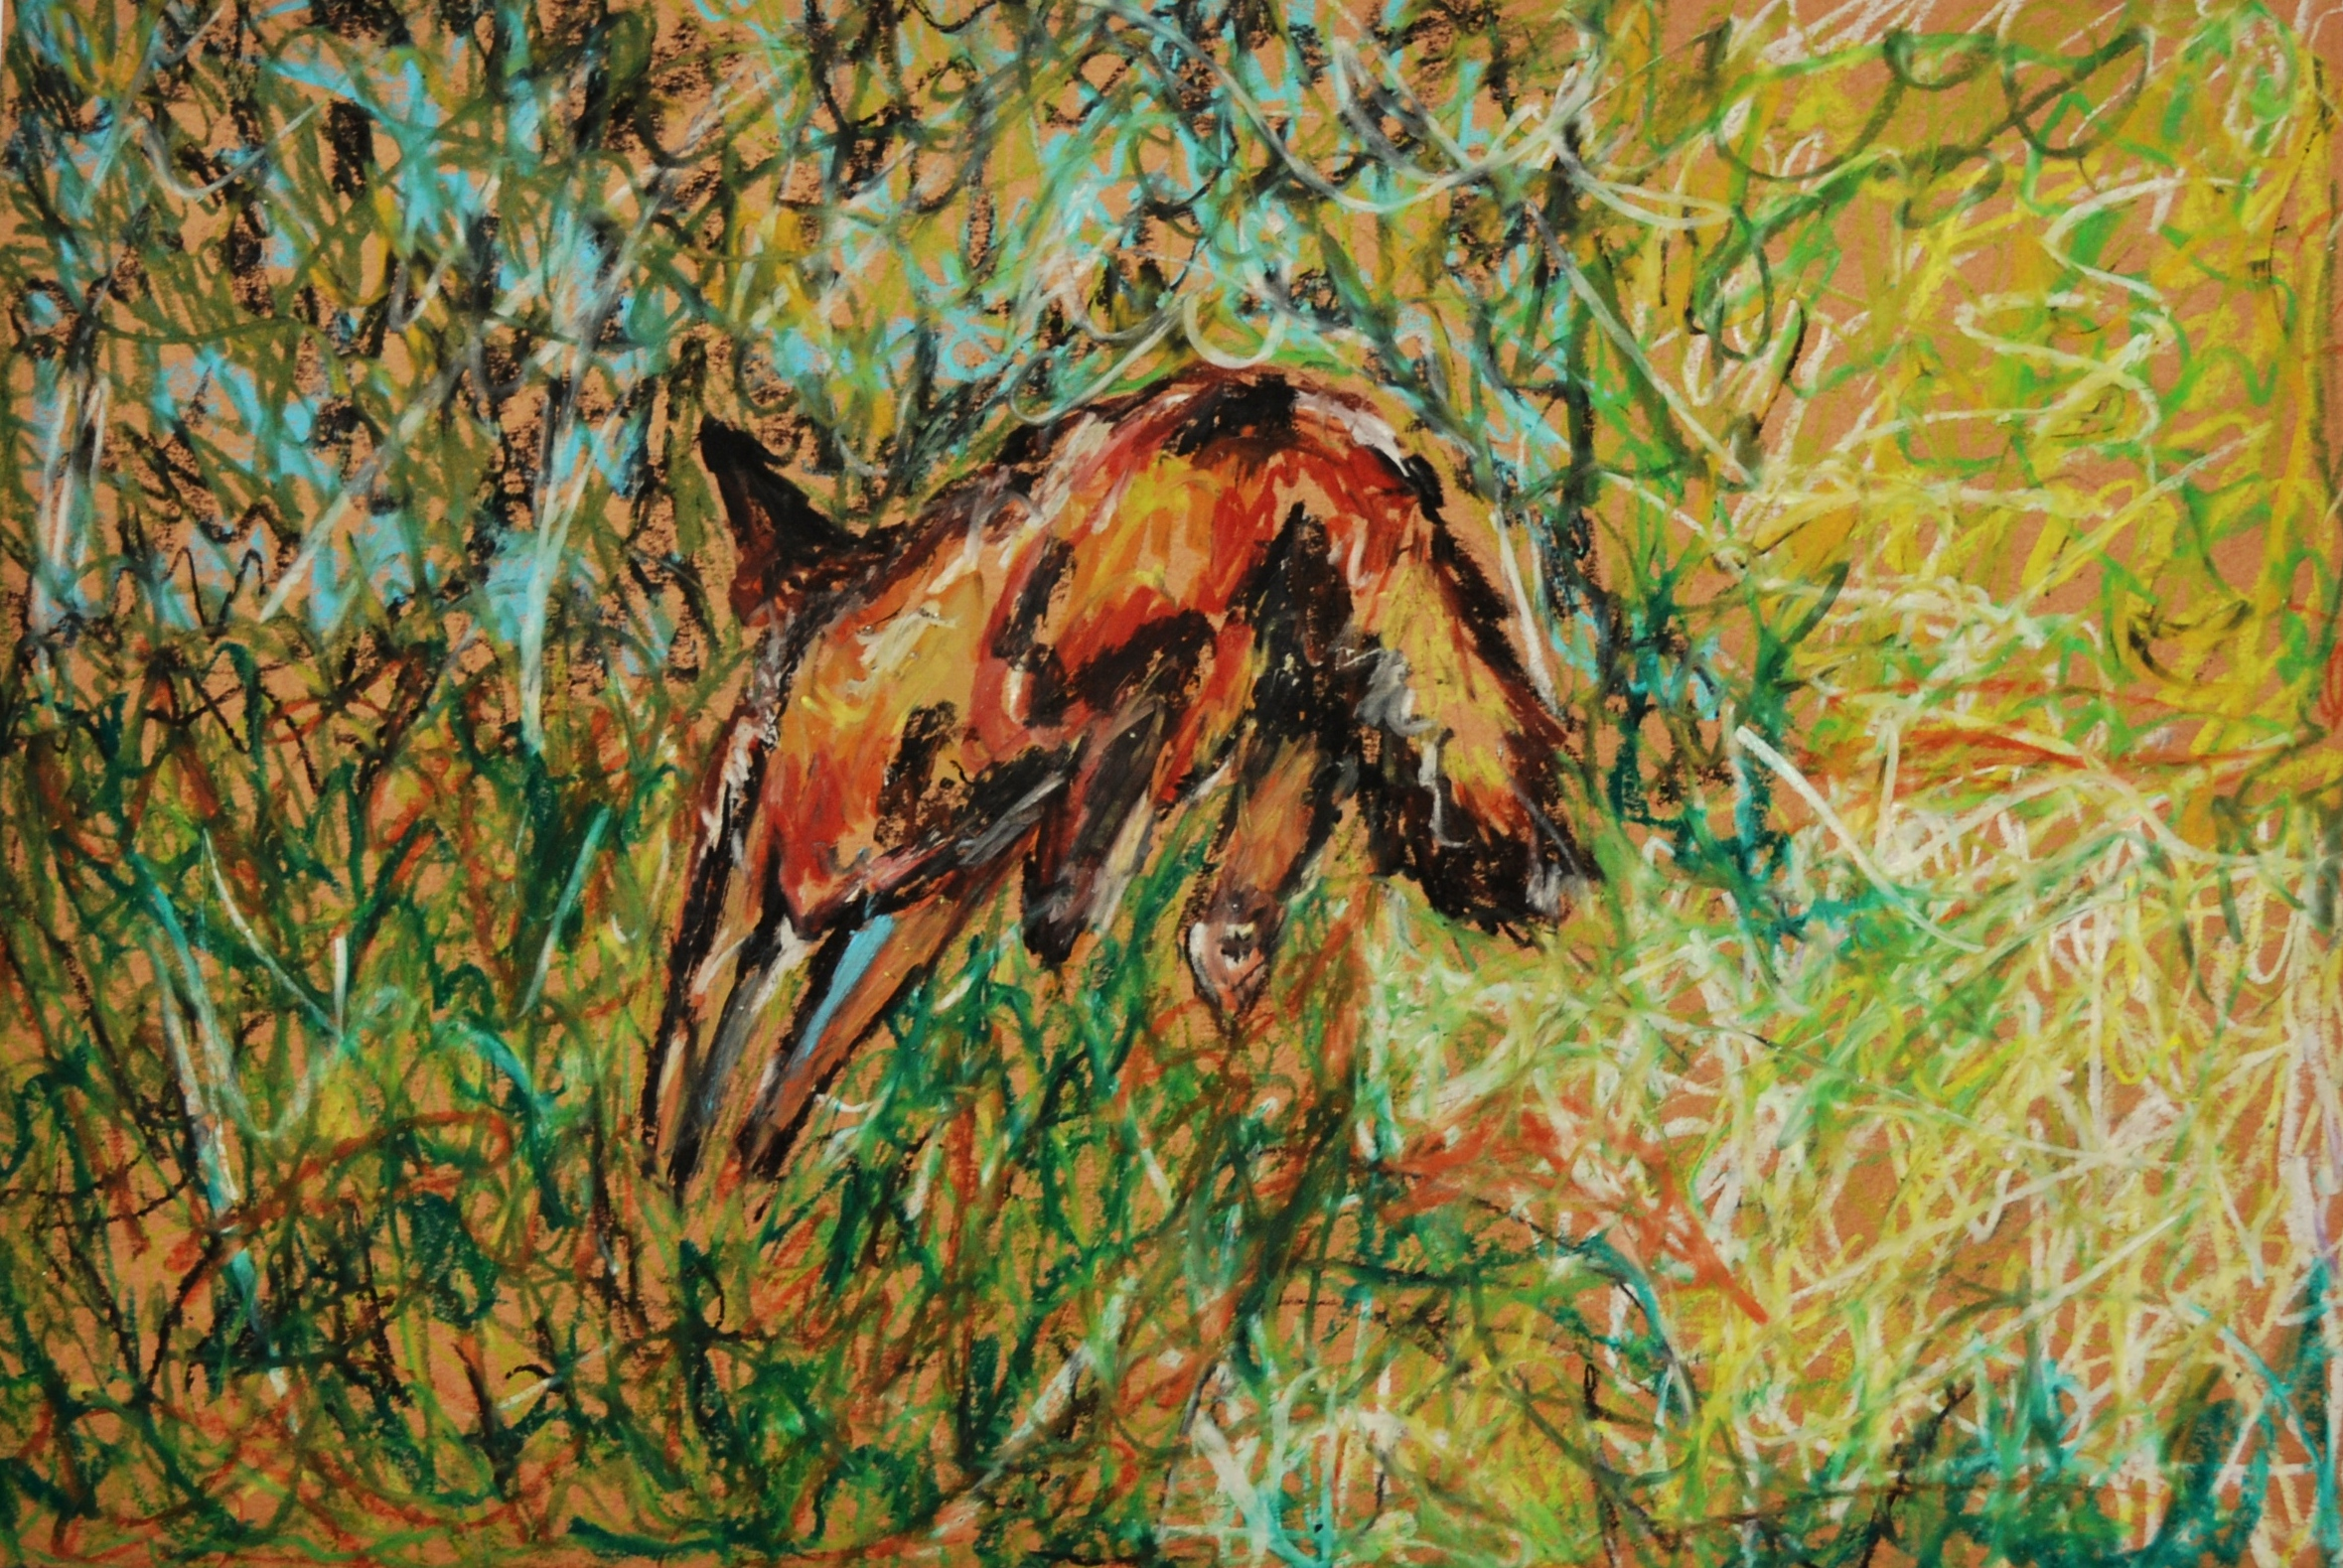 Meadow Fox